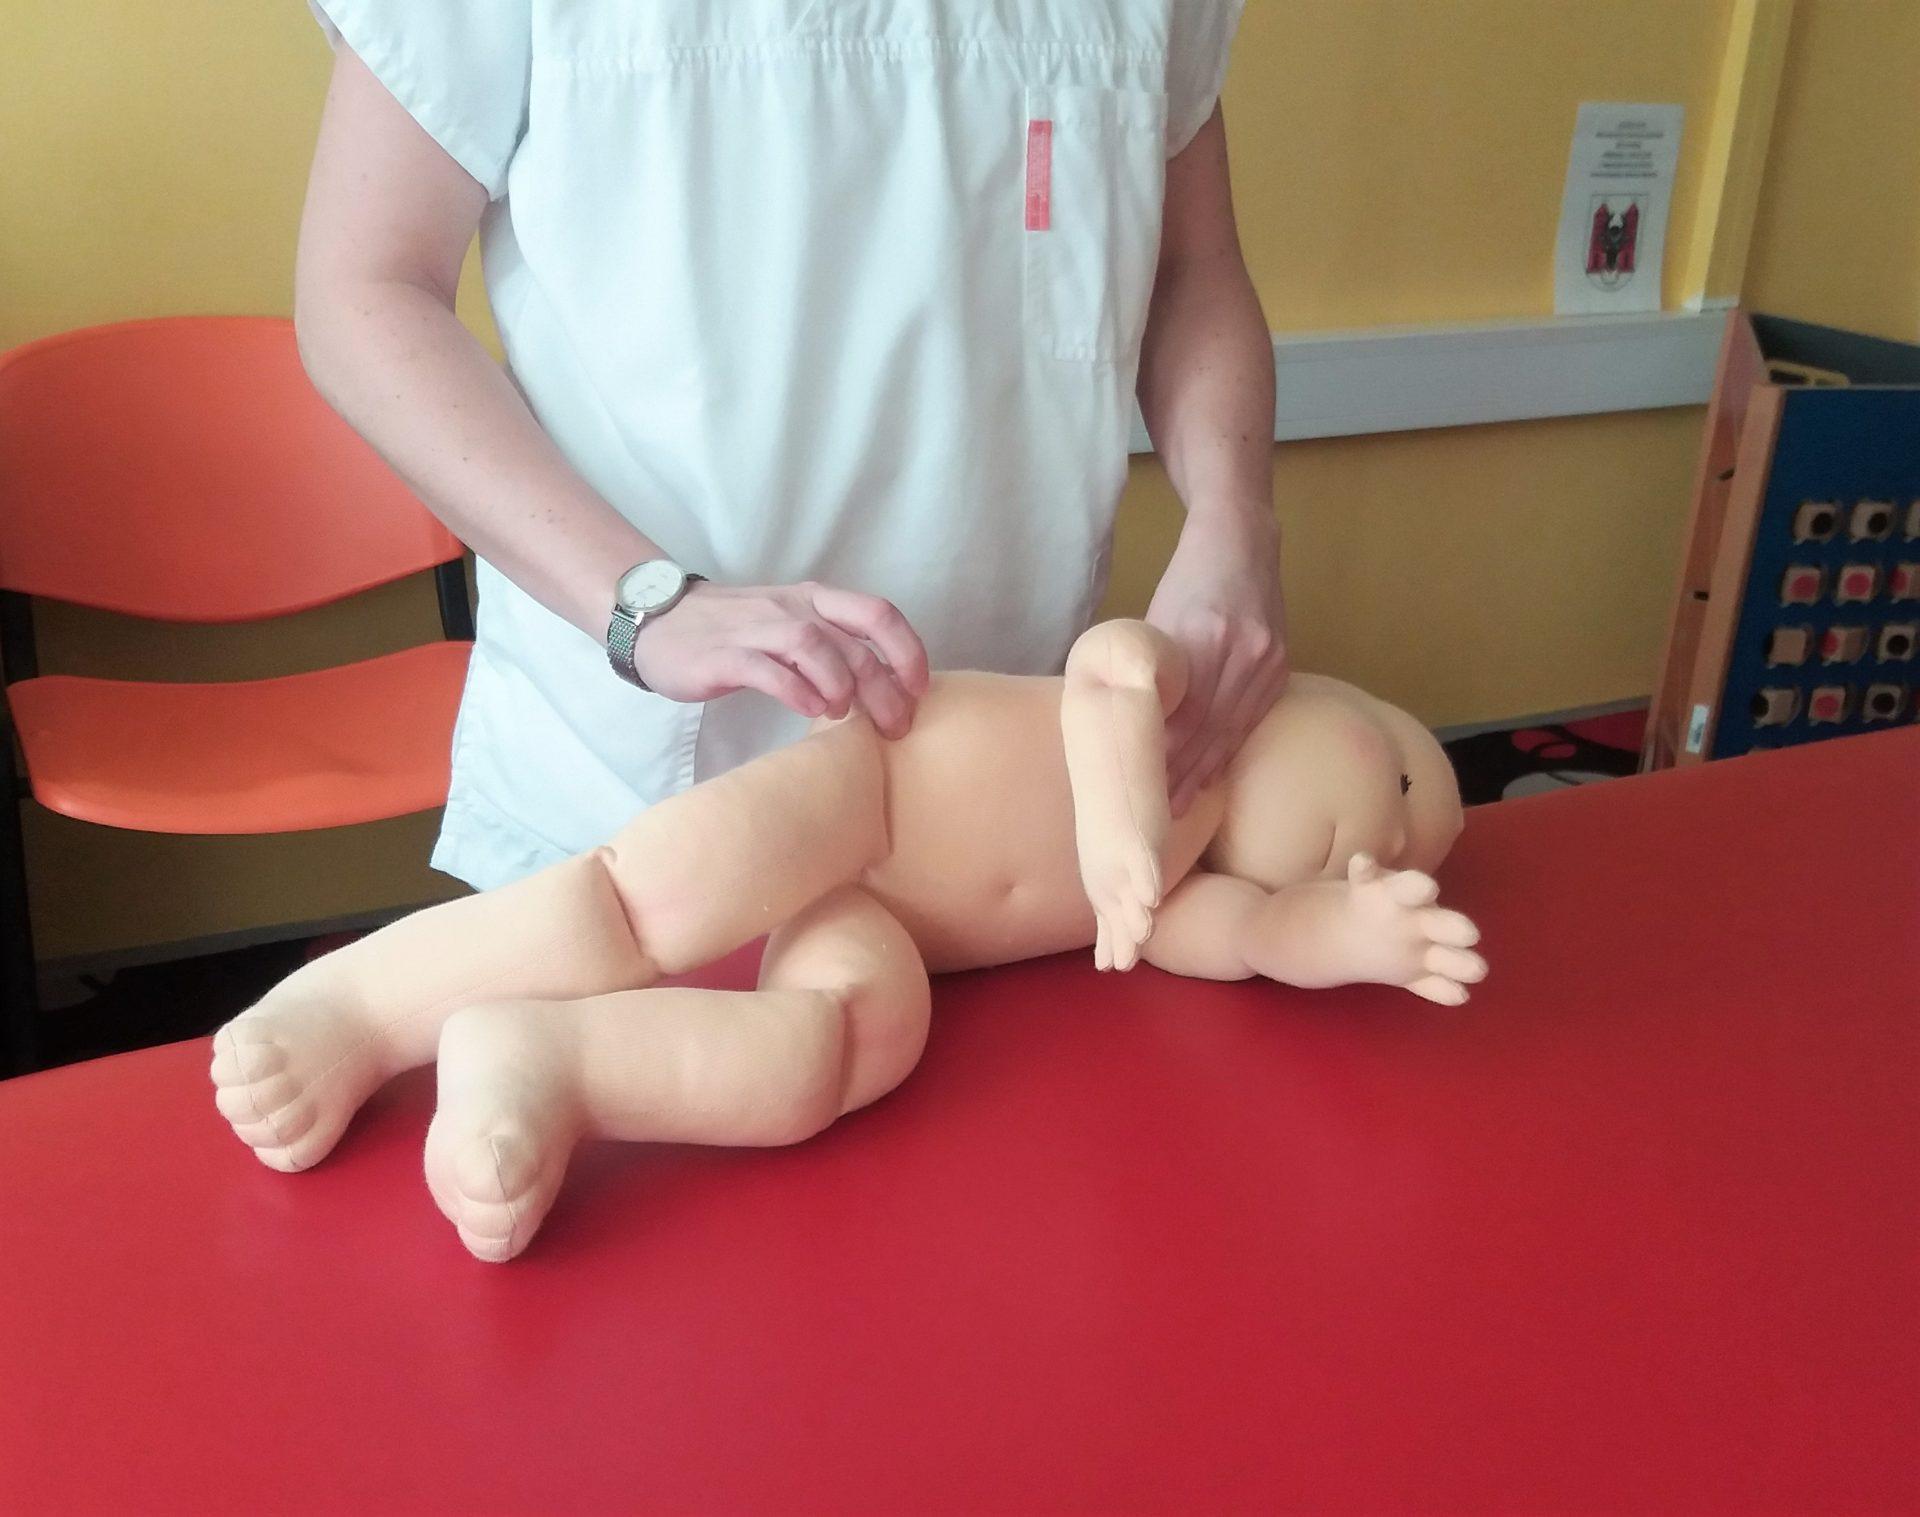 Demo panenka, demonstrační figurína, terapeutická panenka, ukázka Vojtova metoda, fyzioterapie, Ekopanenky